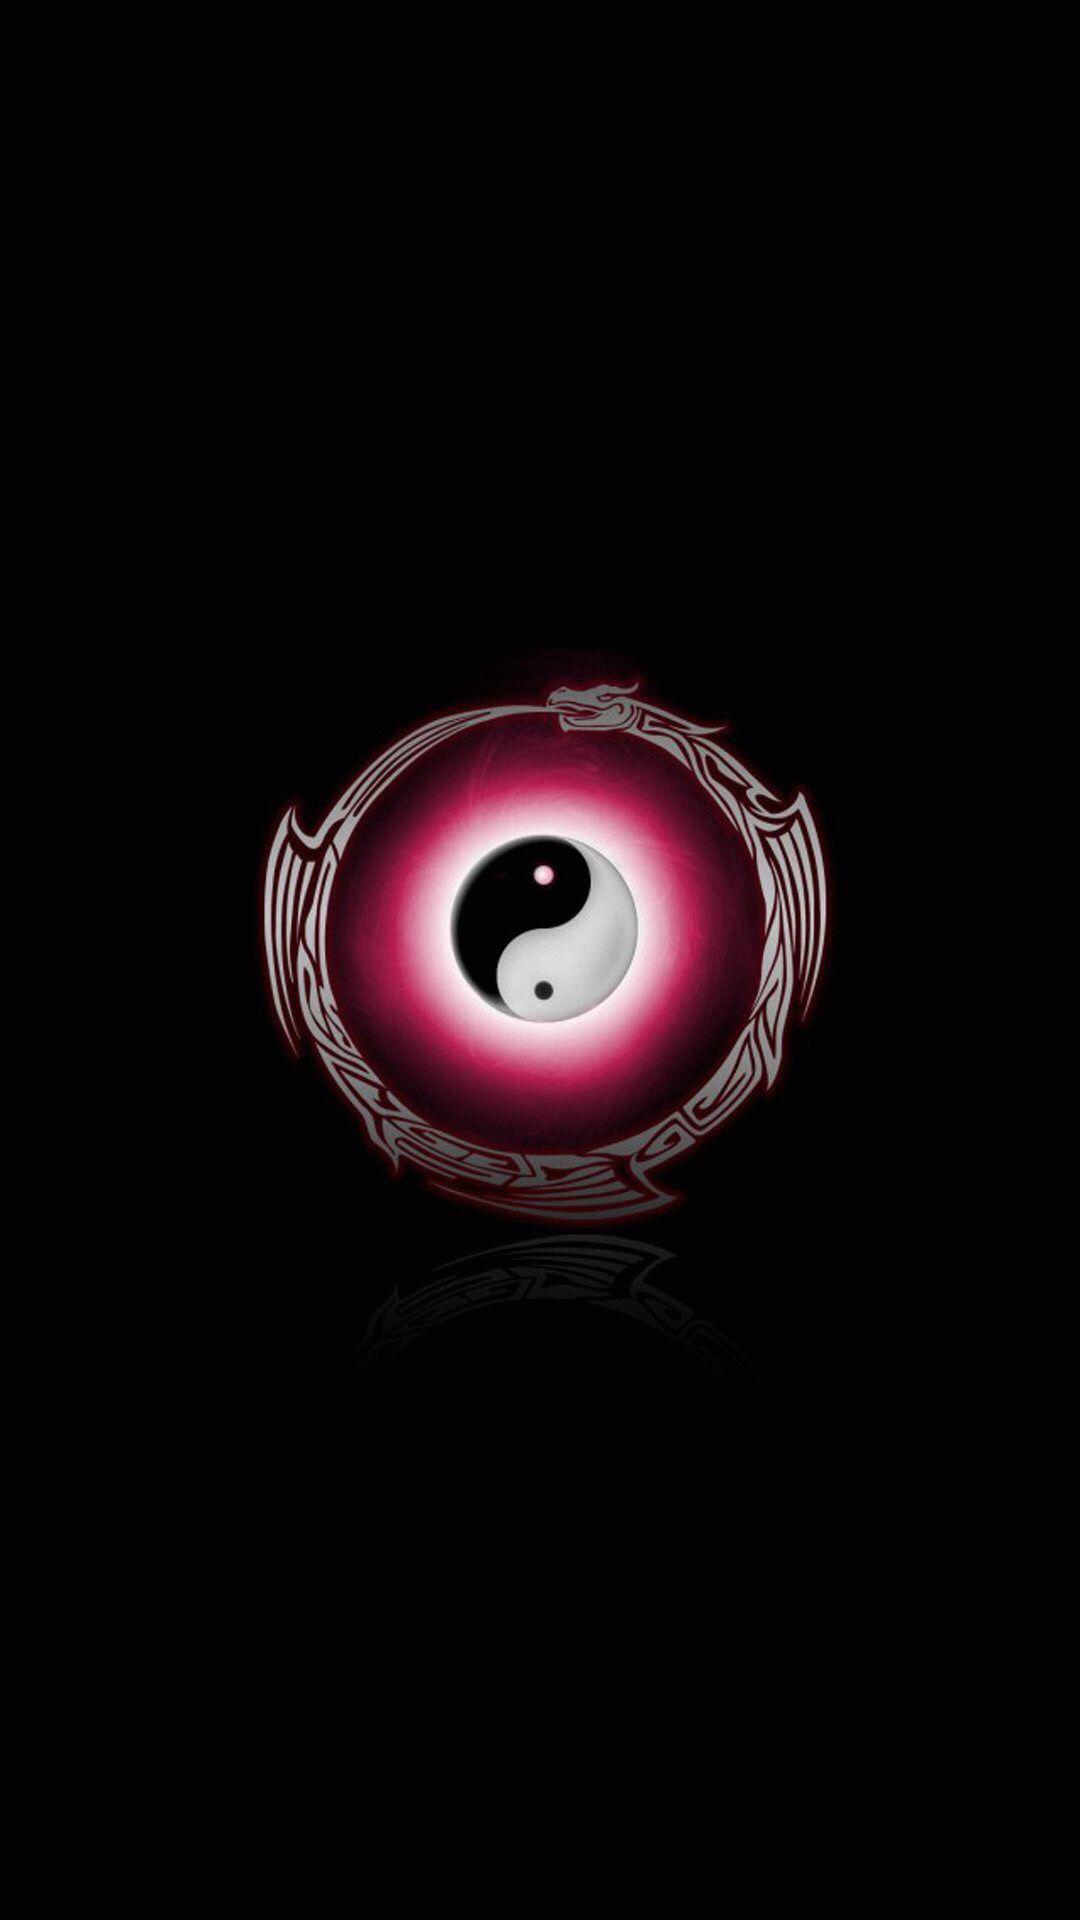 Yin Yang A Clockwise Taijitu Surrounded By A Counterclockwise Dragon Enso Yin Yang S5 Wallpaper Yin Yang Art